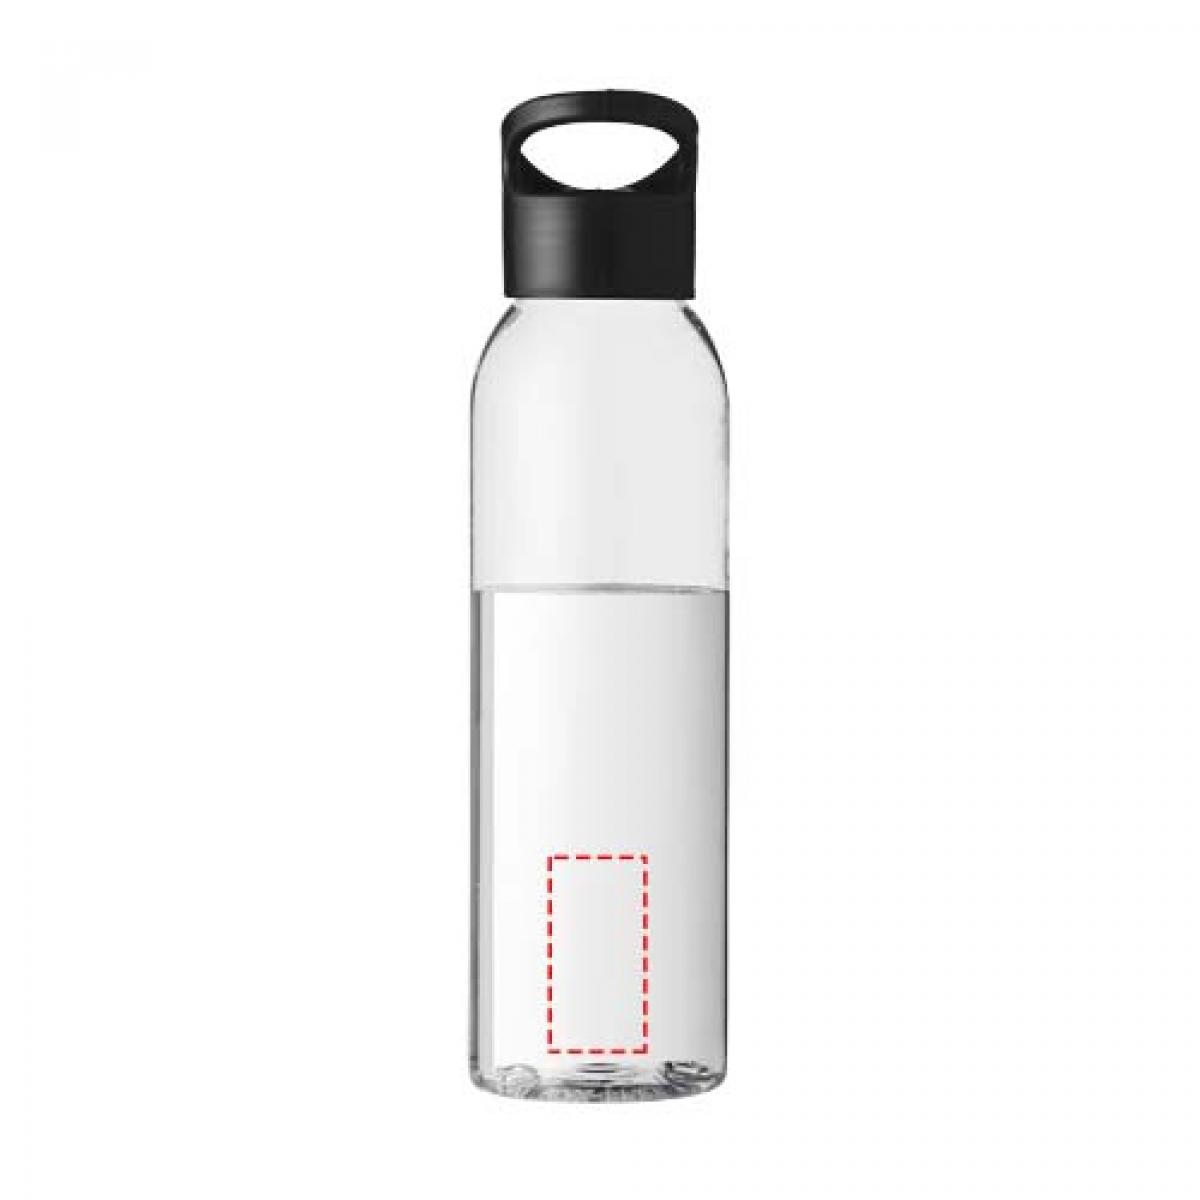 Sky drinkfles transparante body